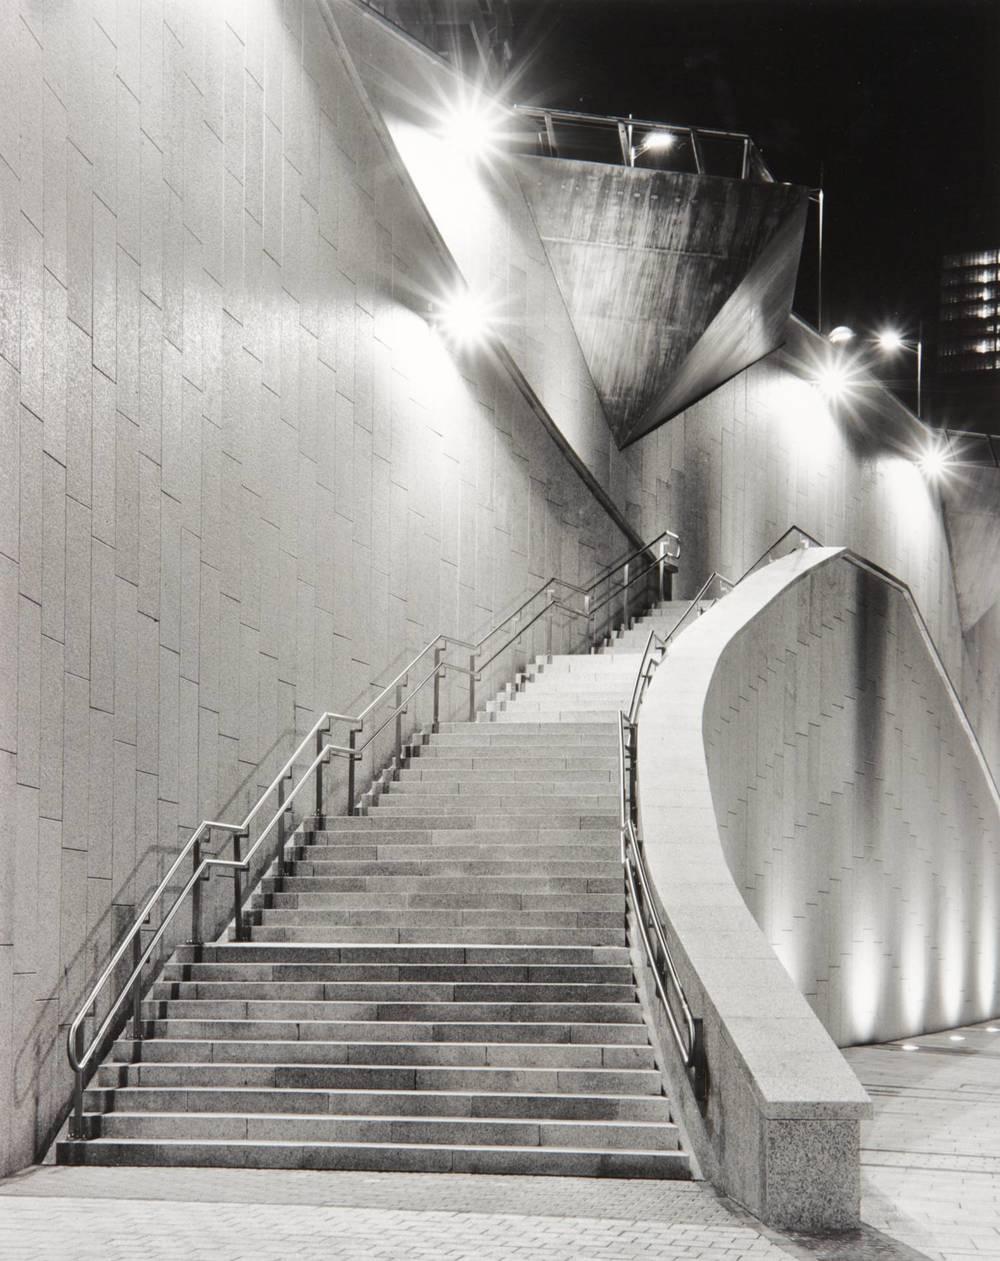 Night Stairs (Bilbao, Spain)